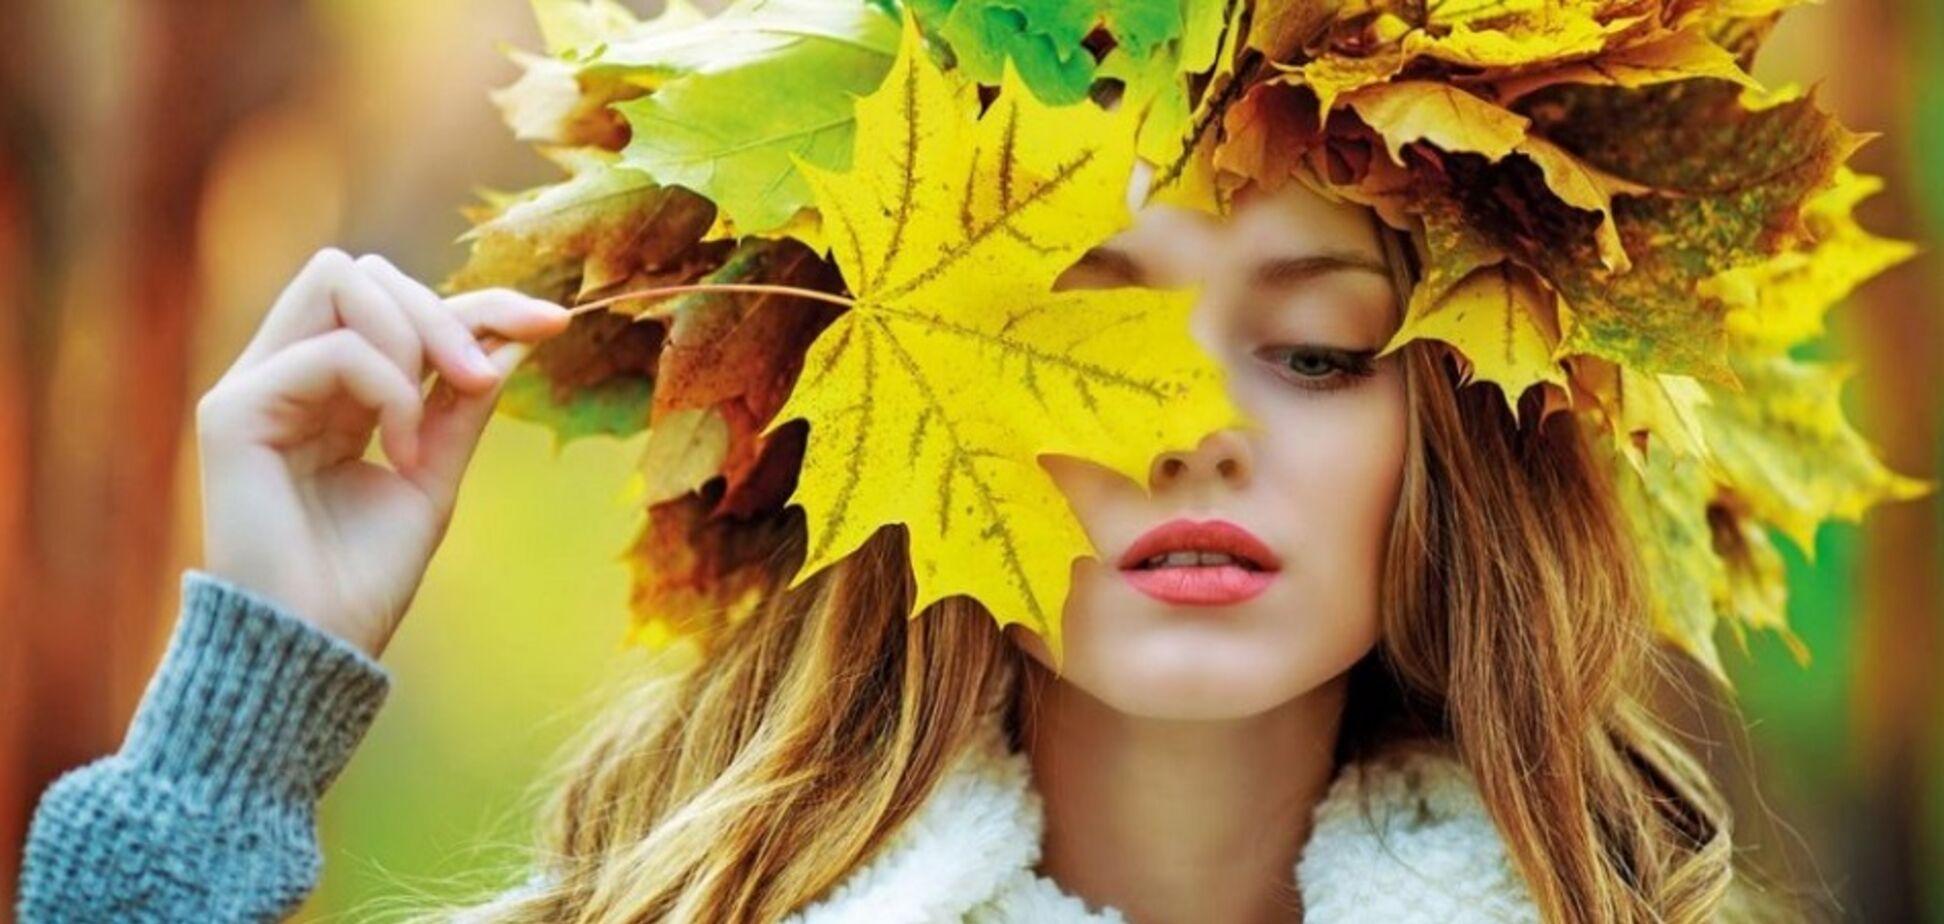 Как ухаживать за кожей осенью, чтобы отлично выглядеть весь год